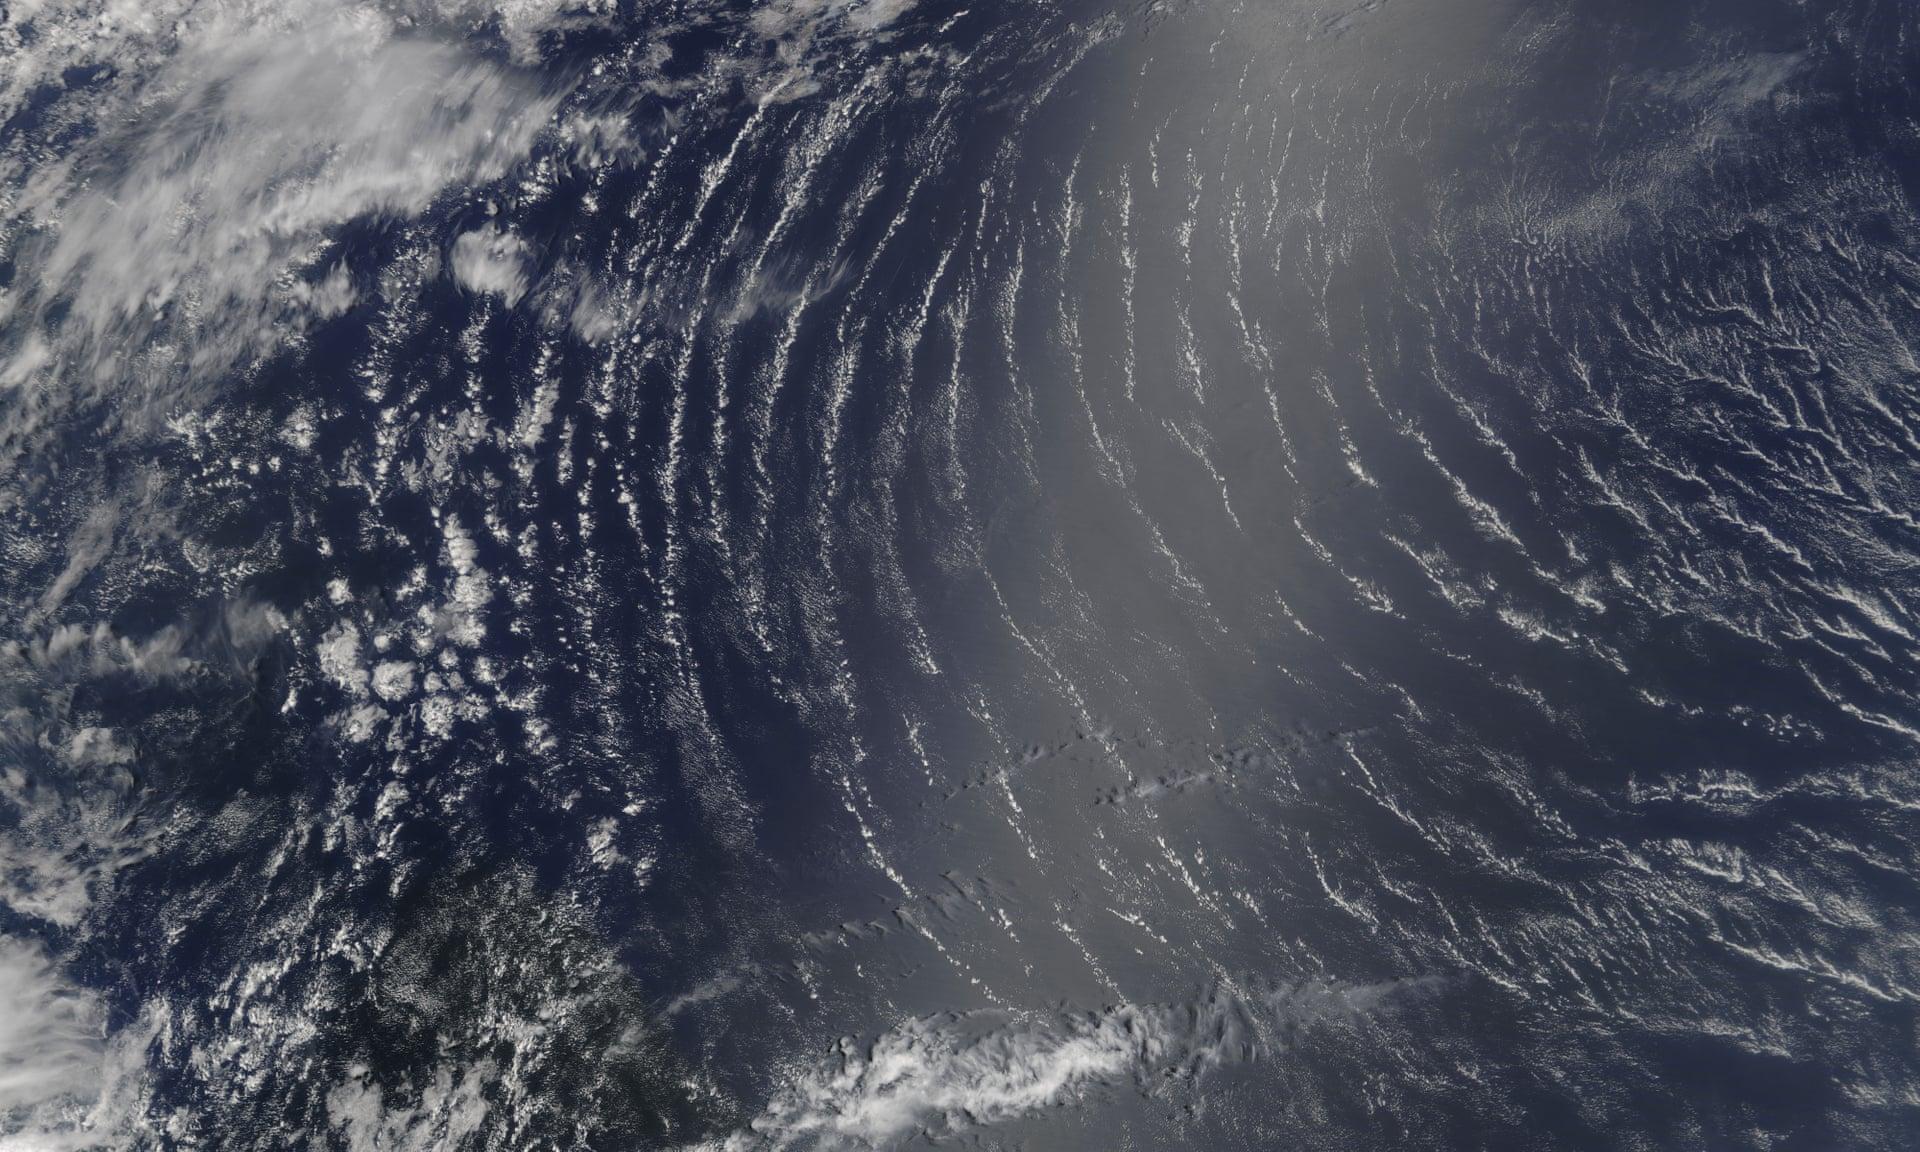 Изменения климата могут усилить турбулентность в реактивных потоках